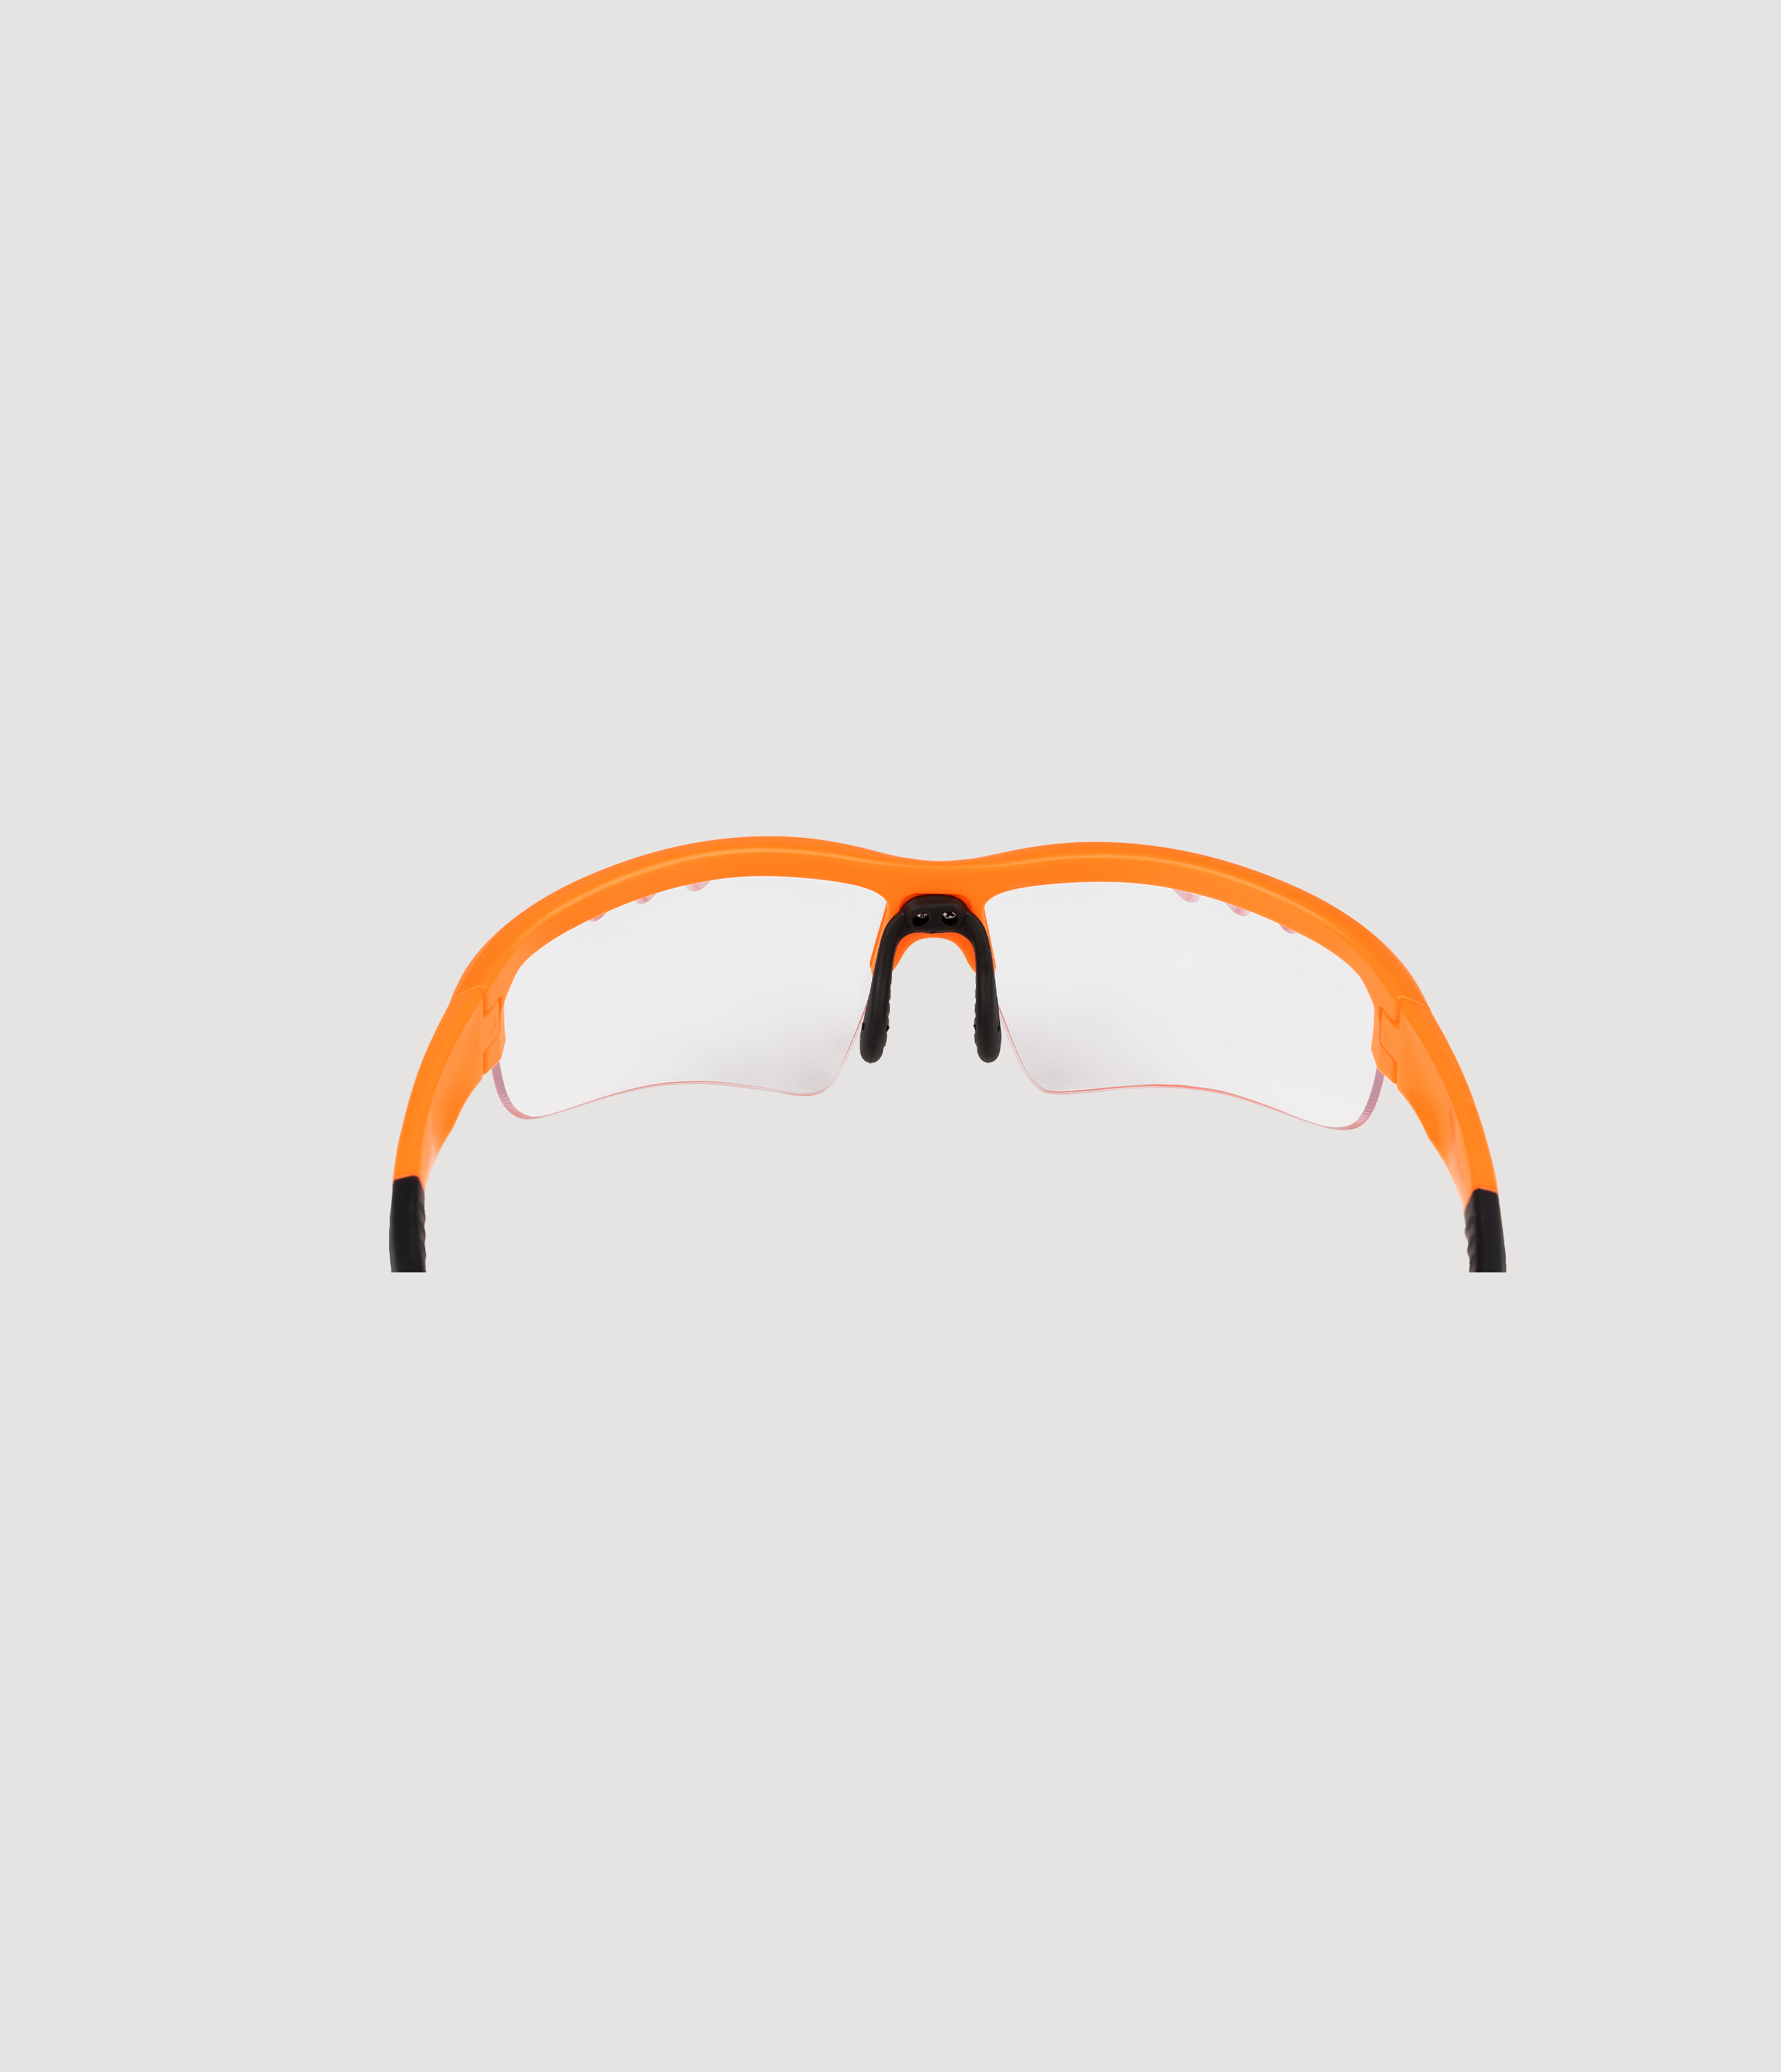 Spectrum Eyewear Orange Inside